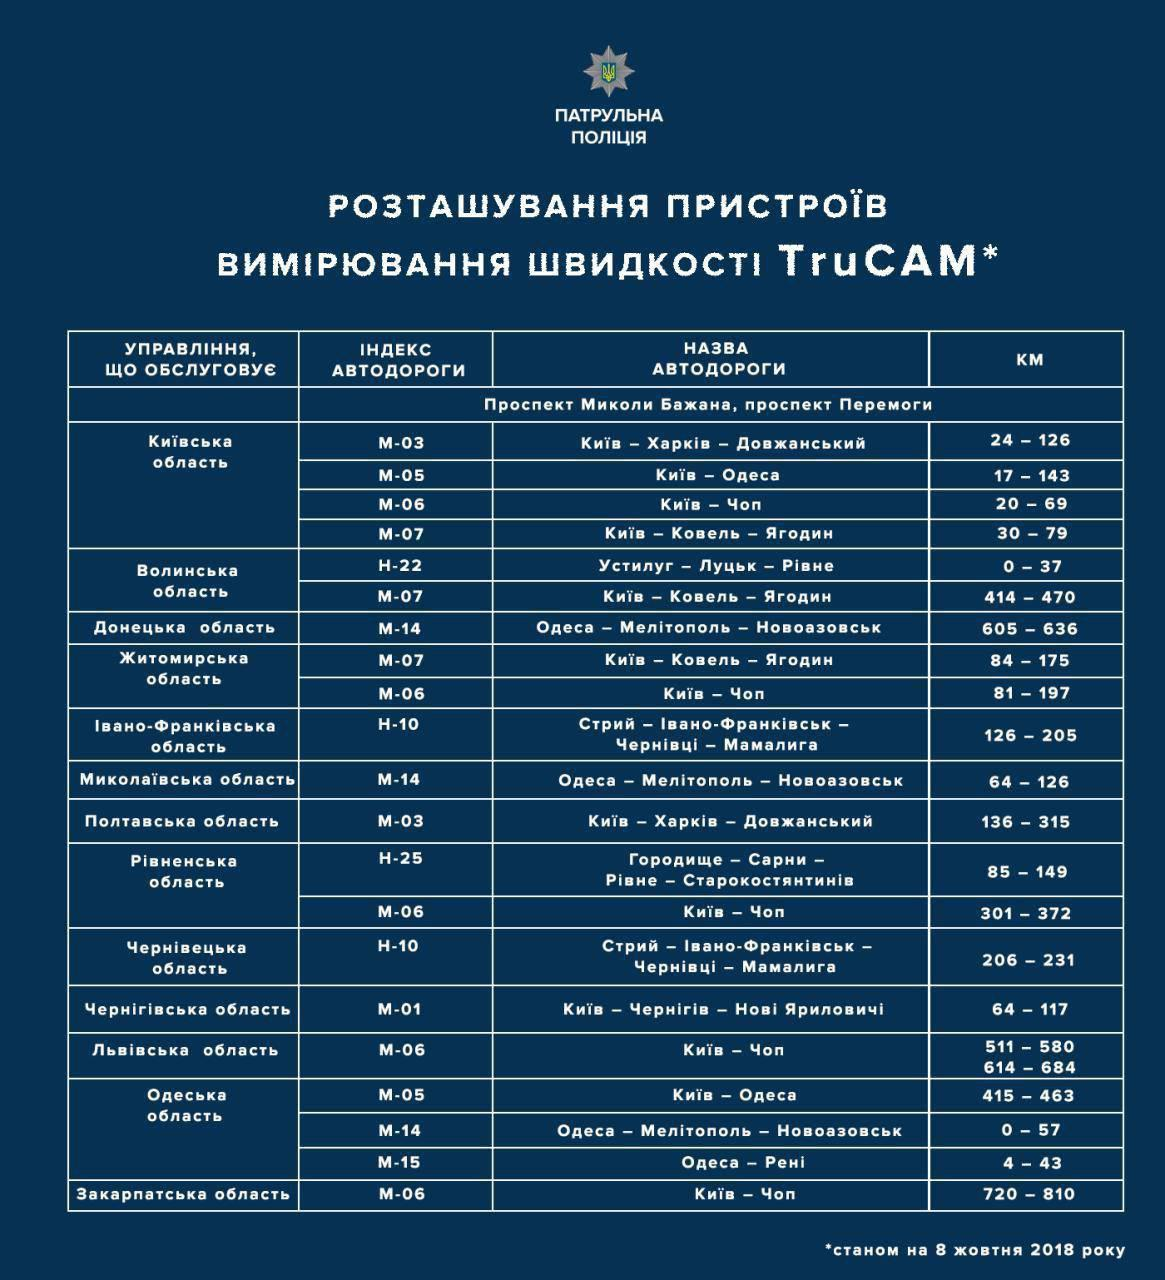 Розташування пристроїв вимірювання швидкості TruCam станом на 8 жовтня 2018 року